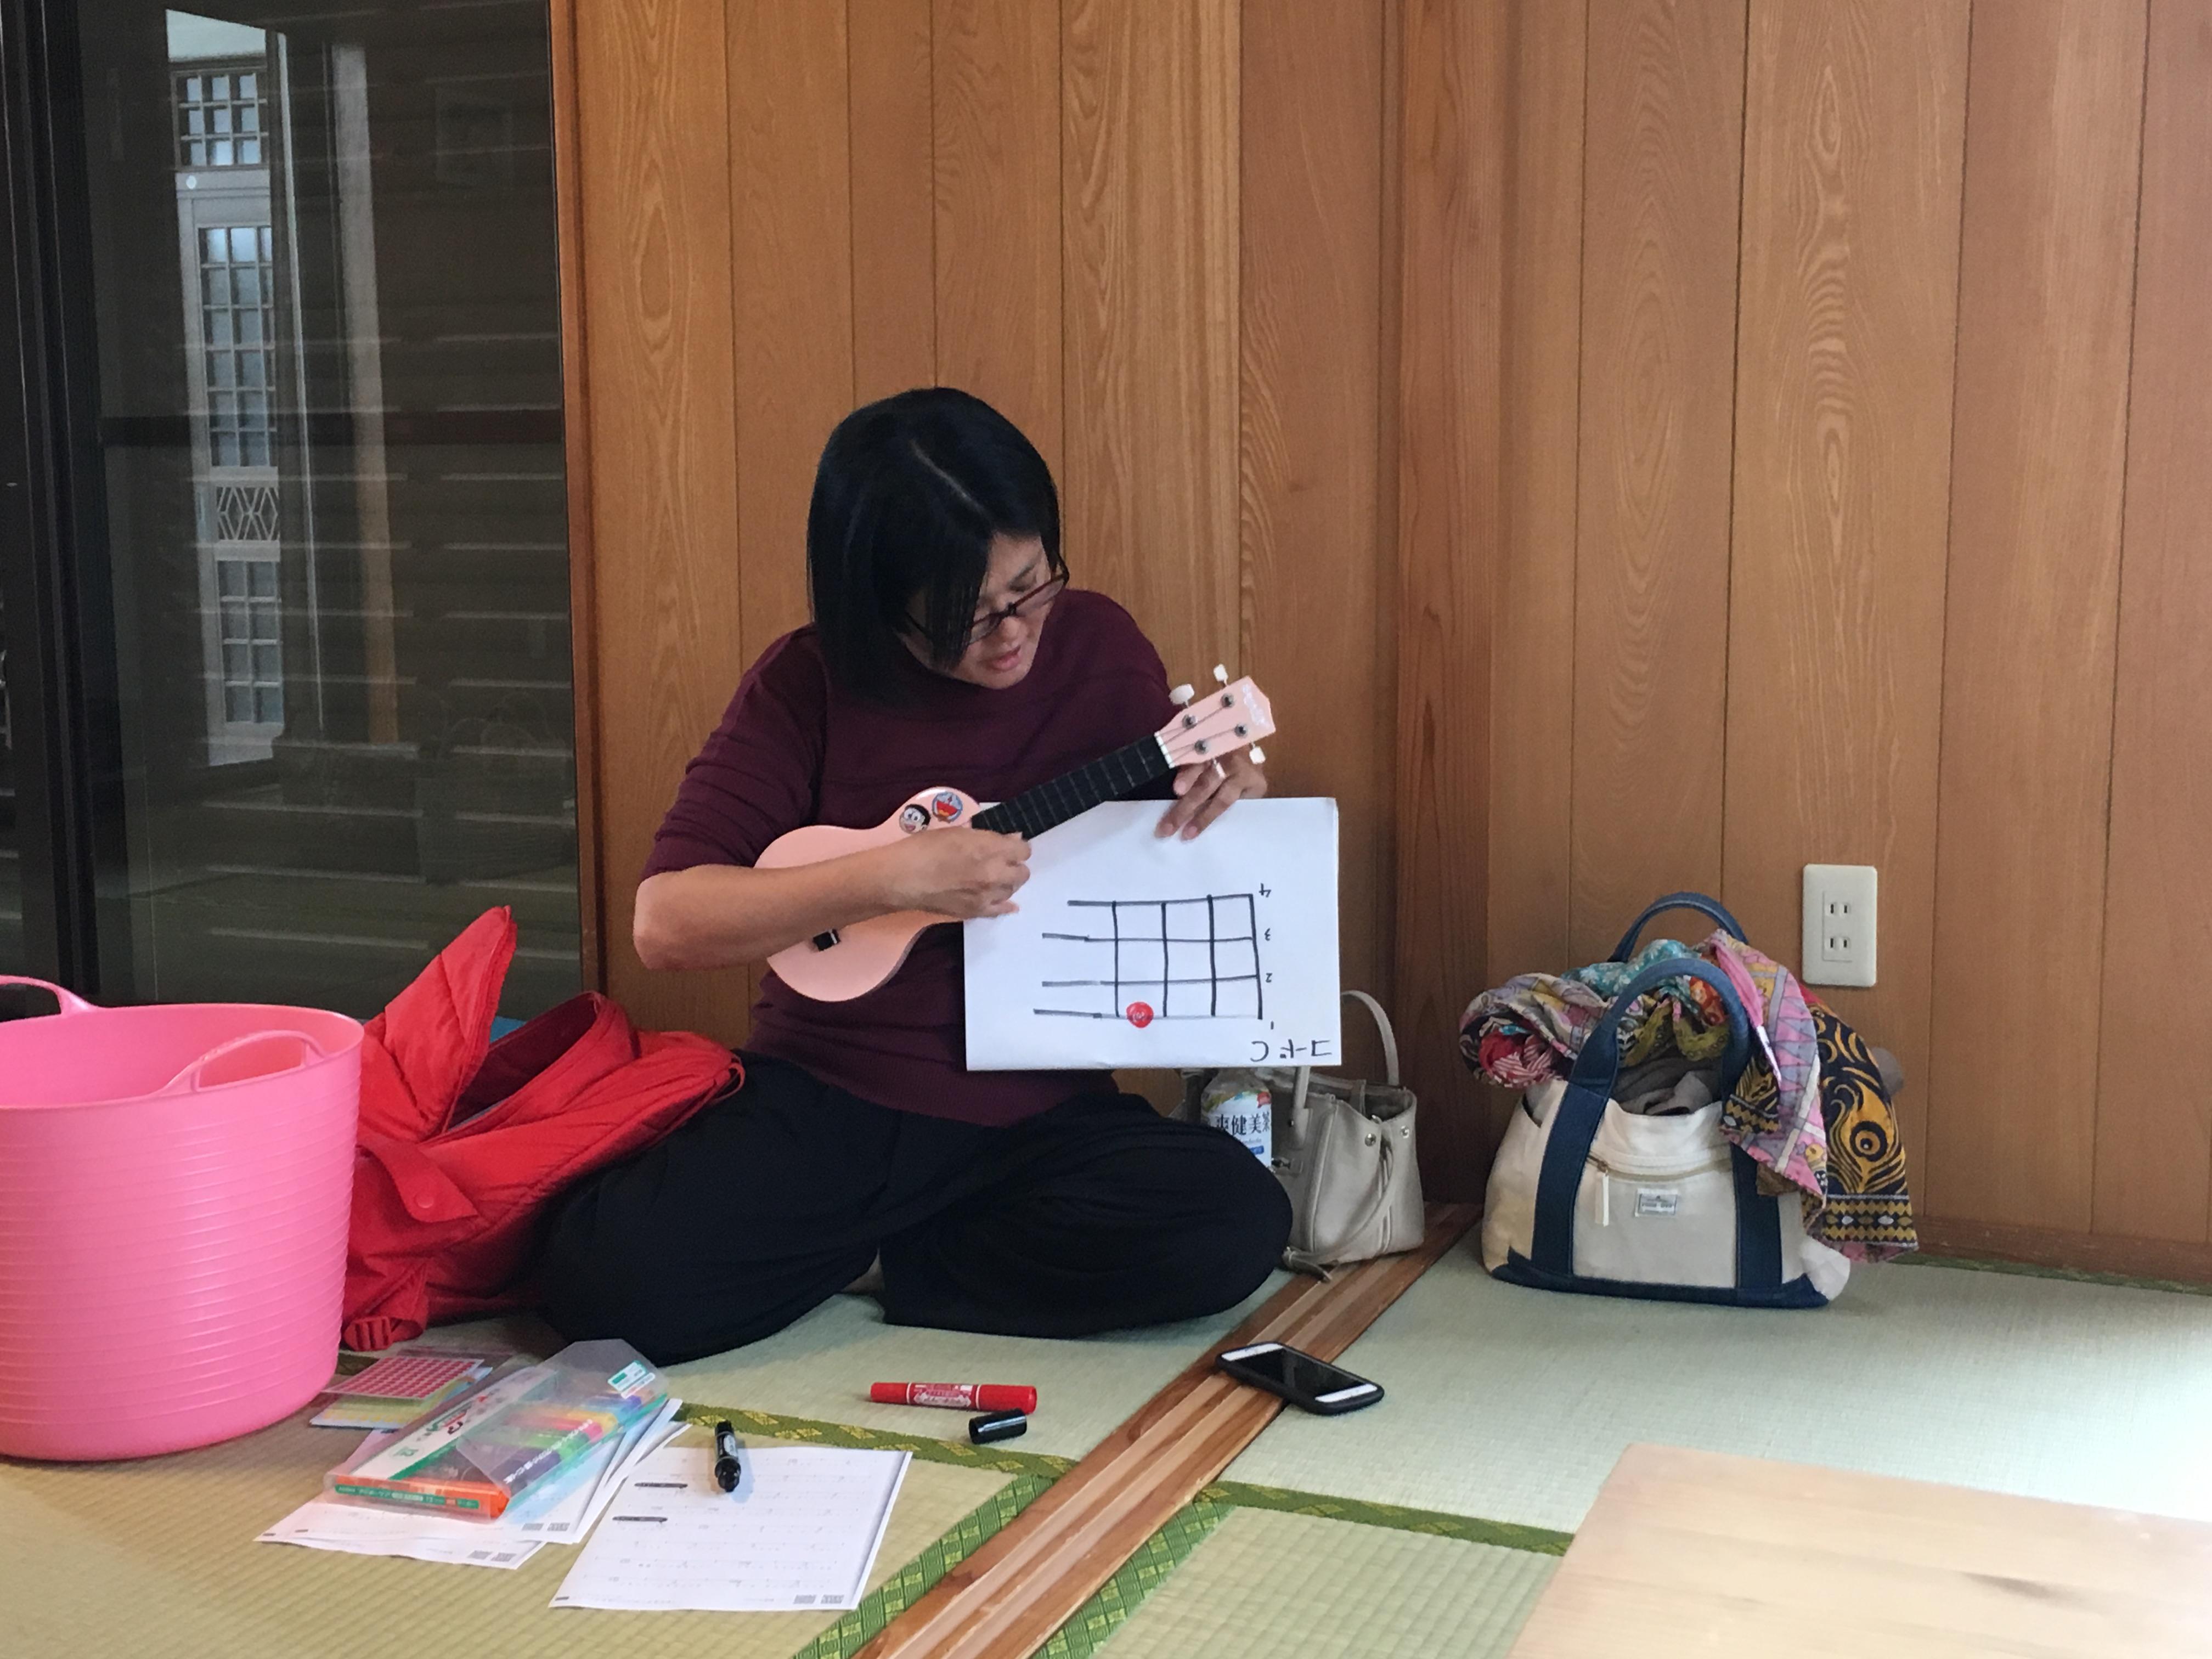 ウクレレ、沖縄県、八重瀬町、ドレミハウス、音楽教室、あべたみこ、阿部民子、声楽家、うた、ピアノ、サックス、英会話、